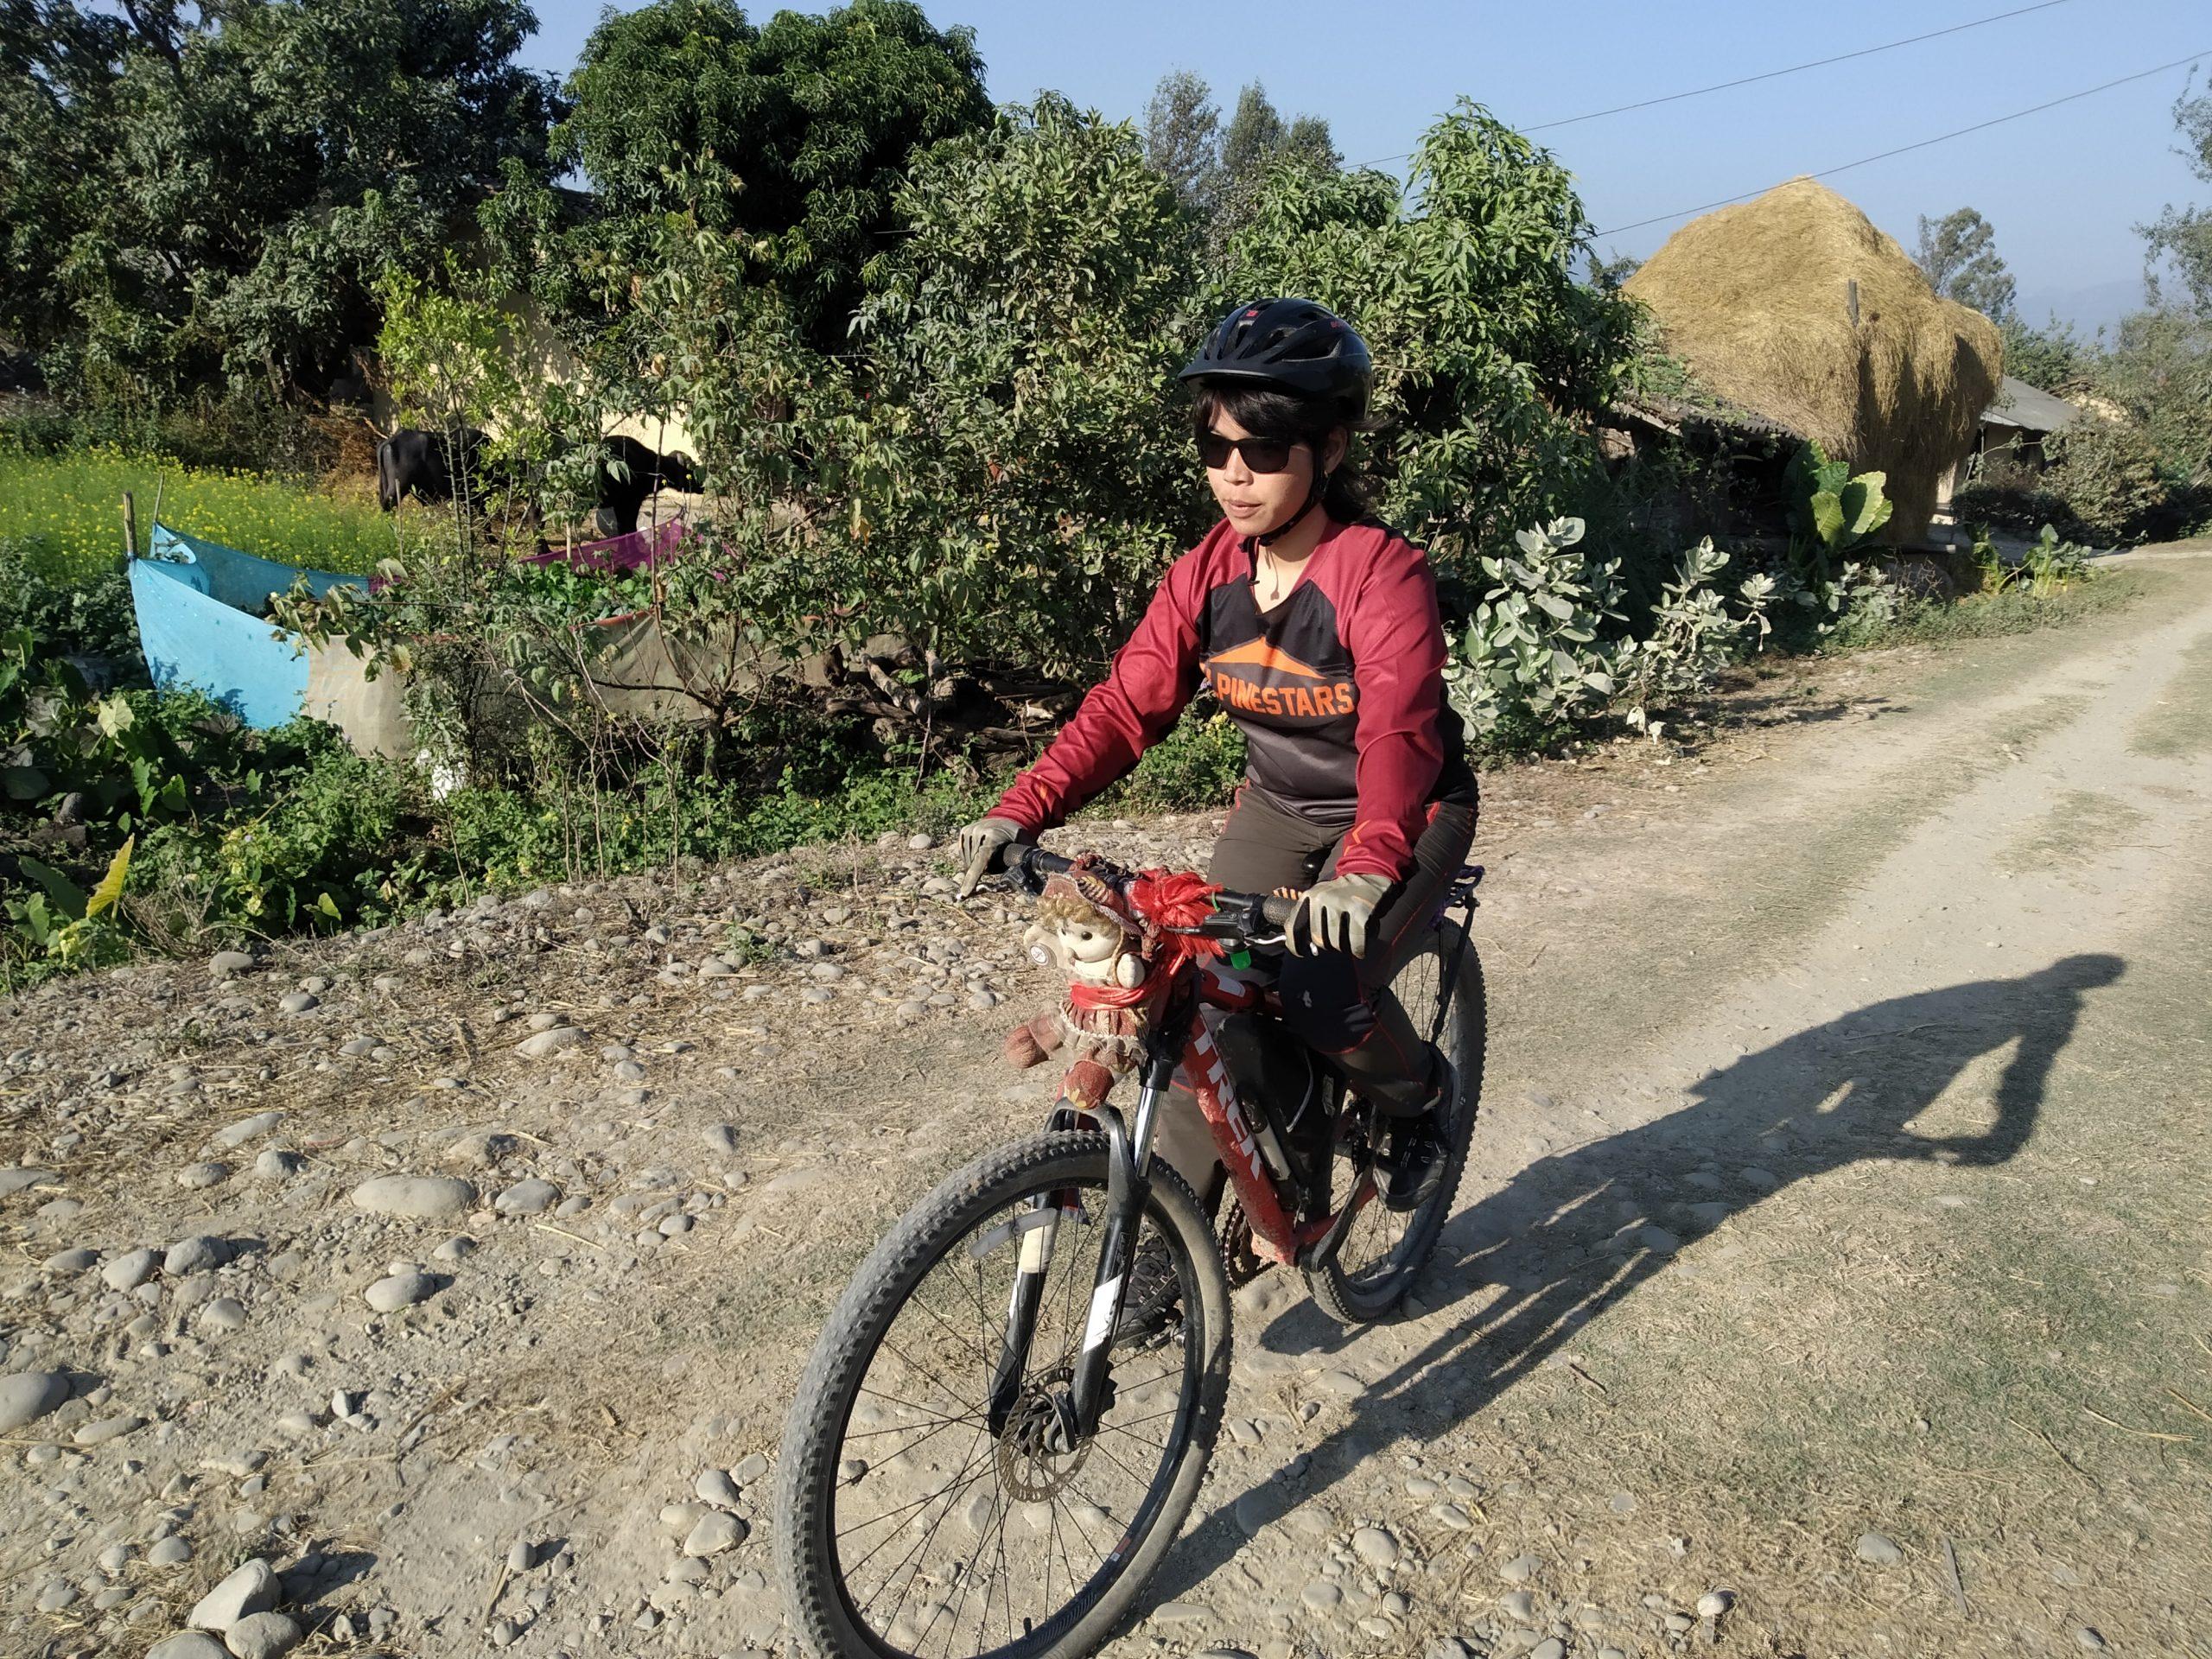 महिला सशक्तिकरणको लागि श्वेताको साइकल यात्रा